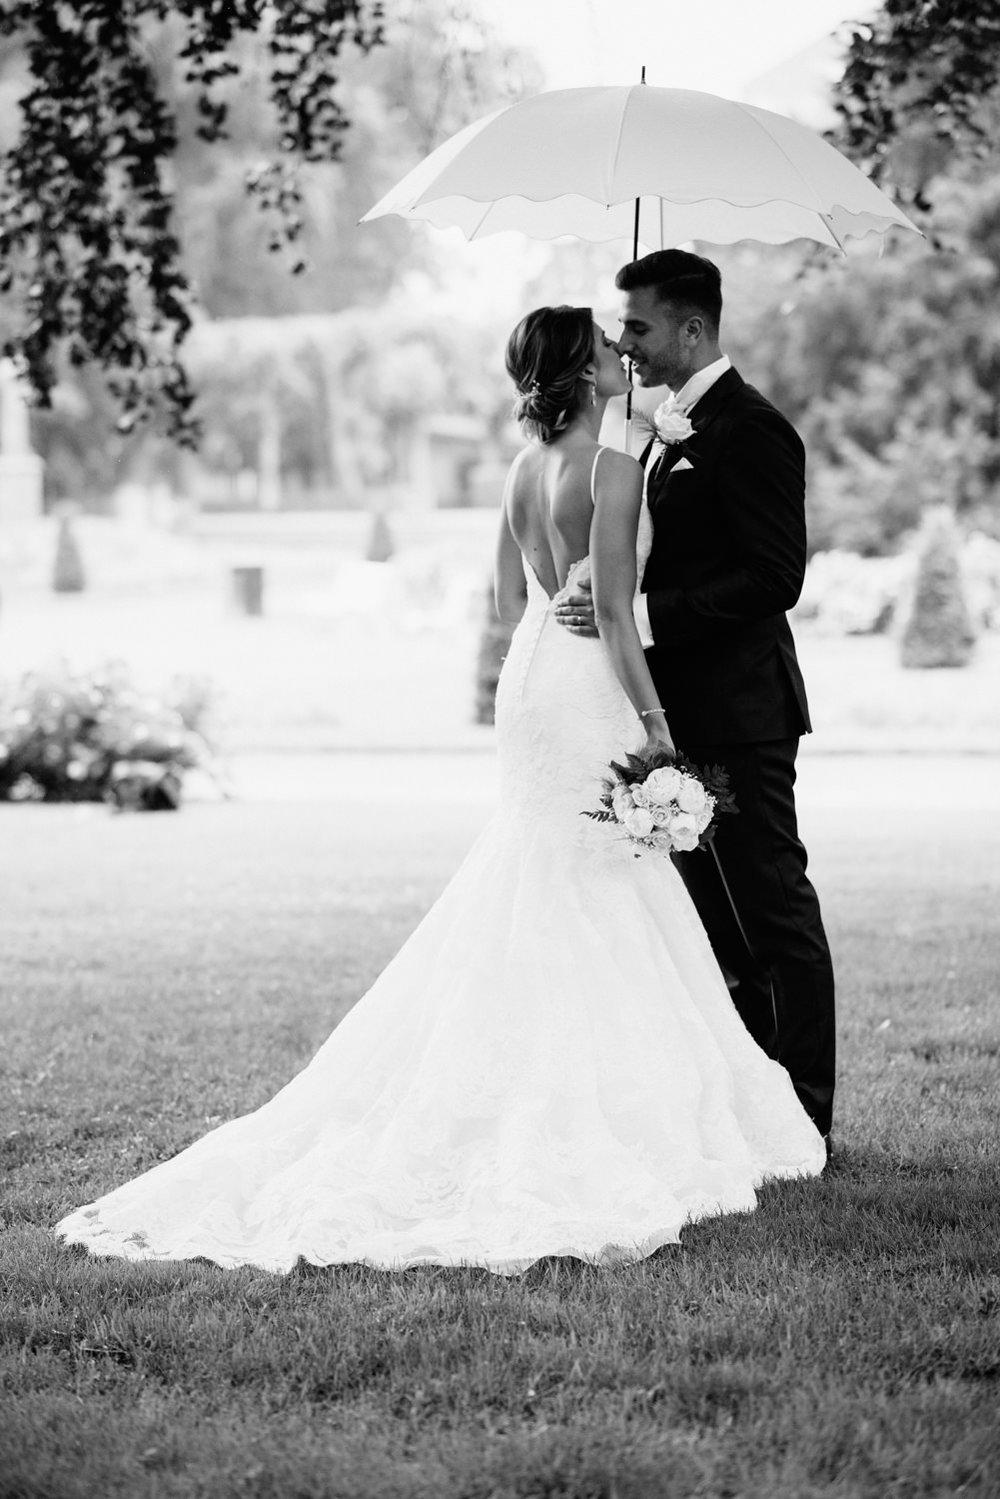 bröllopsfotograf-skåne-bröllop-på-af-borgen-i-lund-aase-pouline151.jpg